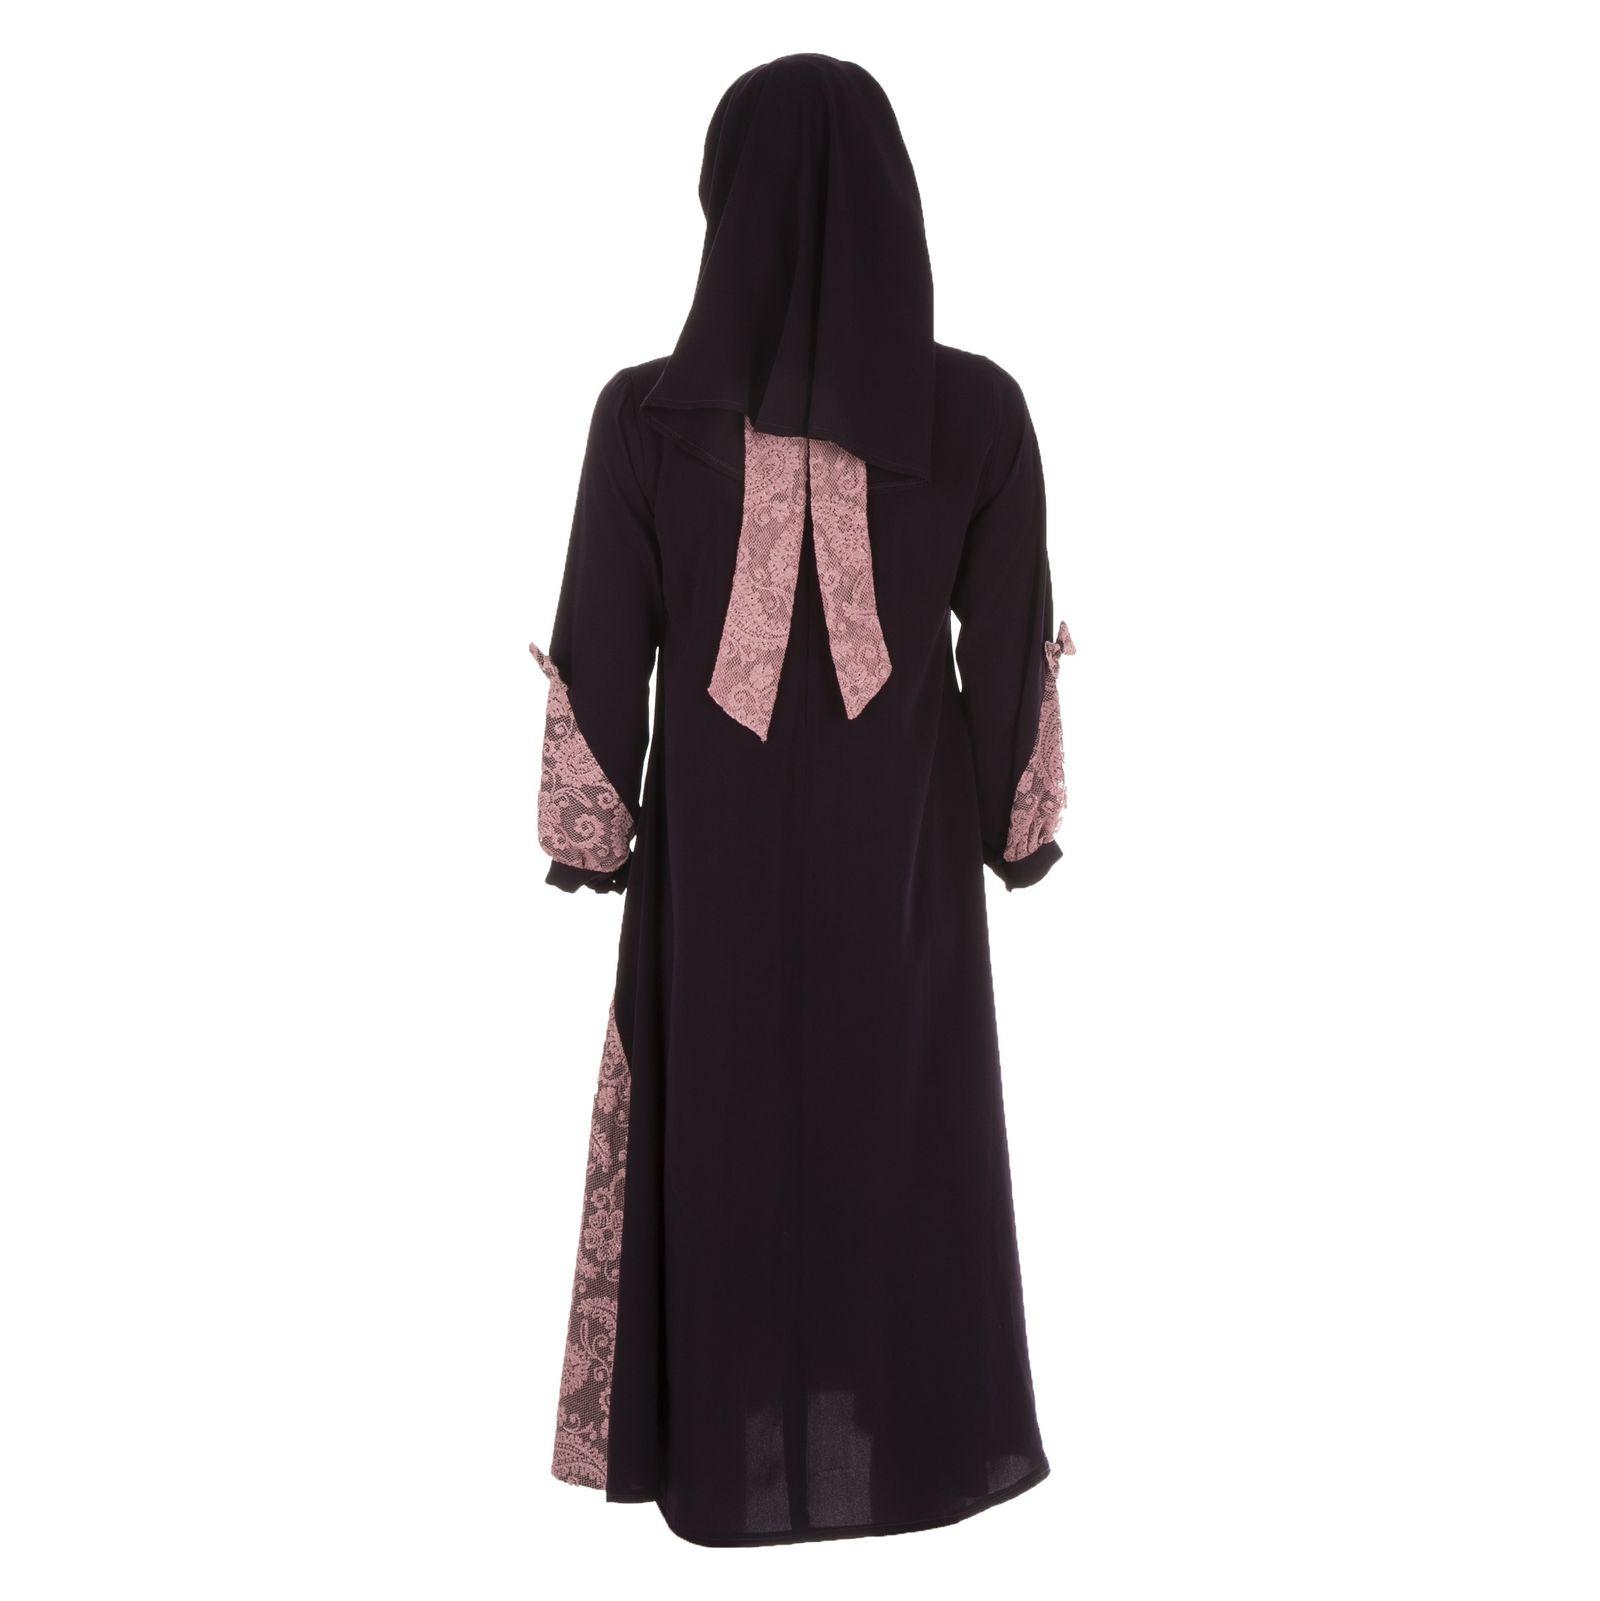 پیراهن دخترانه حورنس مدل 1761118-6964 -  - 3